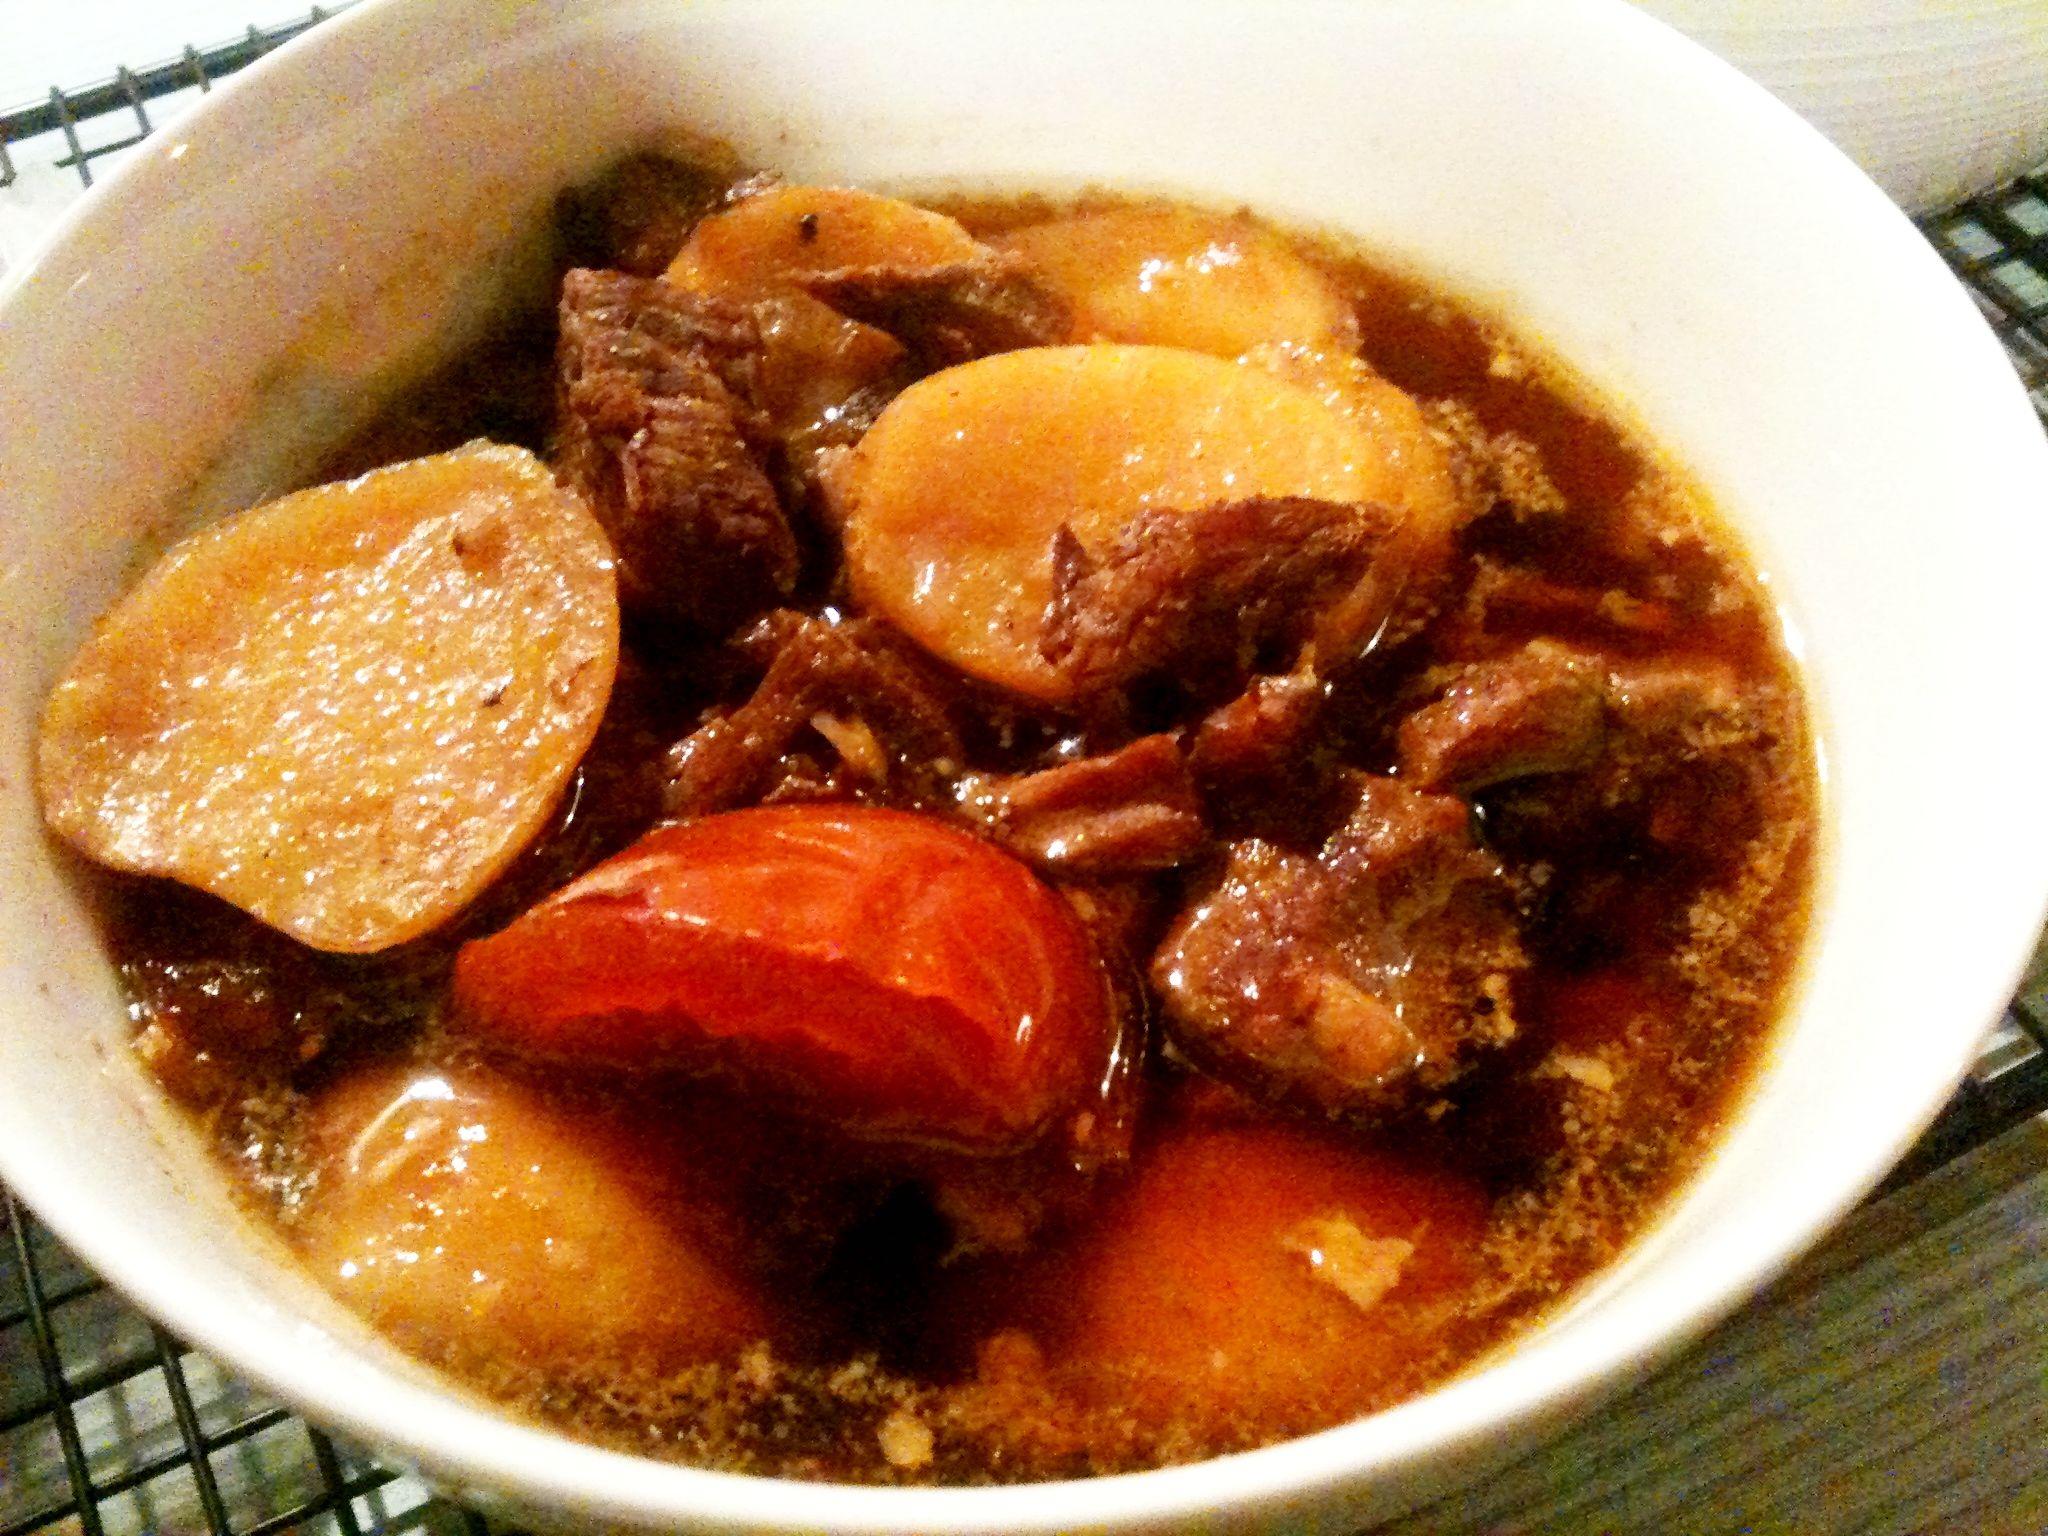 Resep Recipe Bumbu Sajian Sedap Semur Daging Sapi Dan Kentang Kecap Spesial Yang Enak